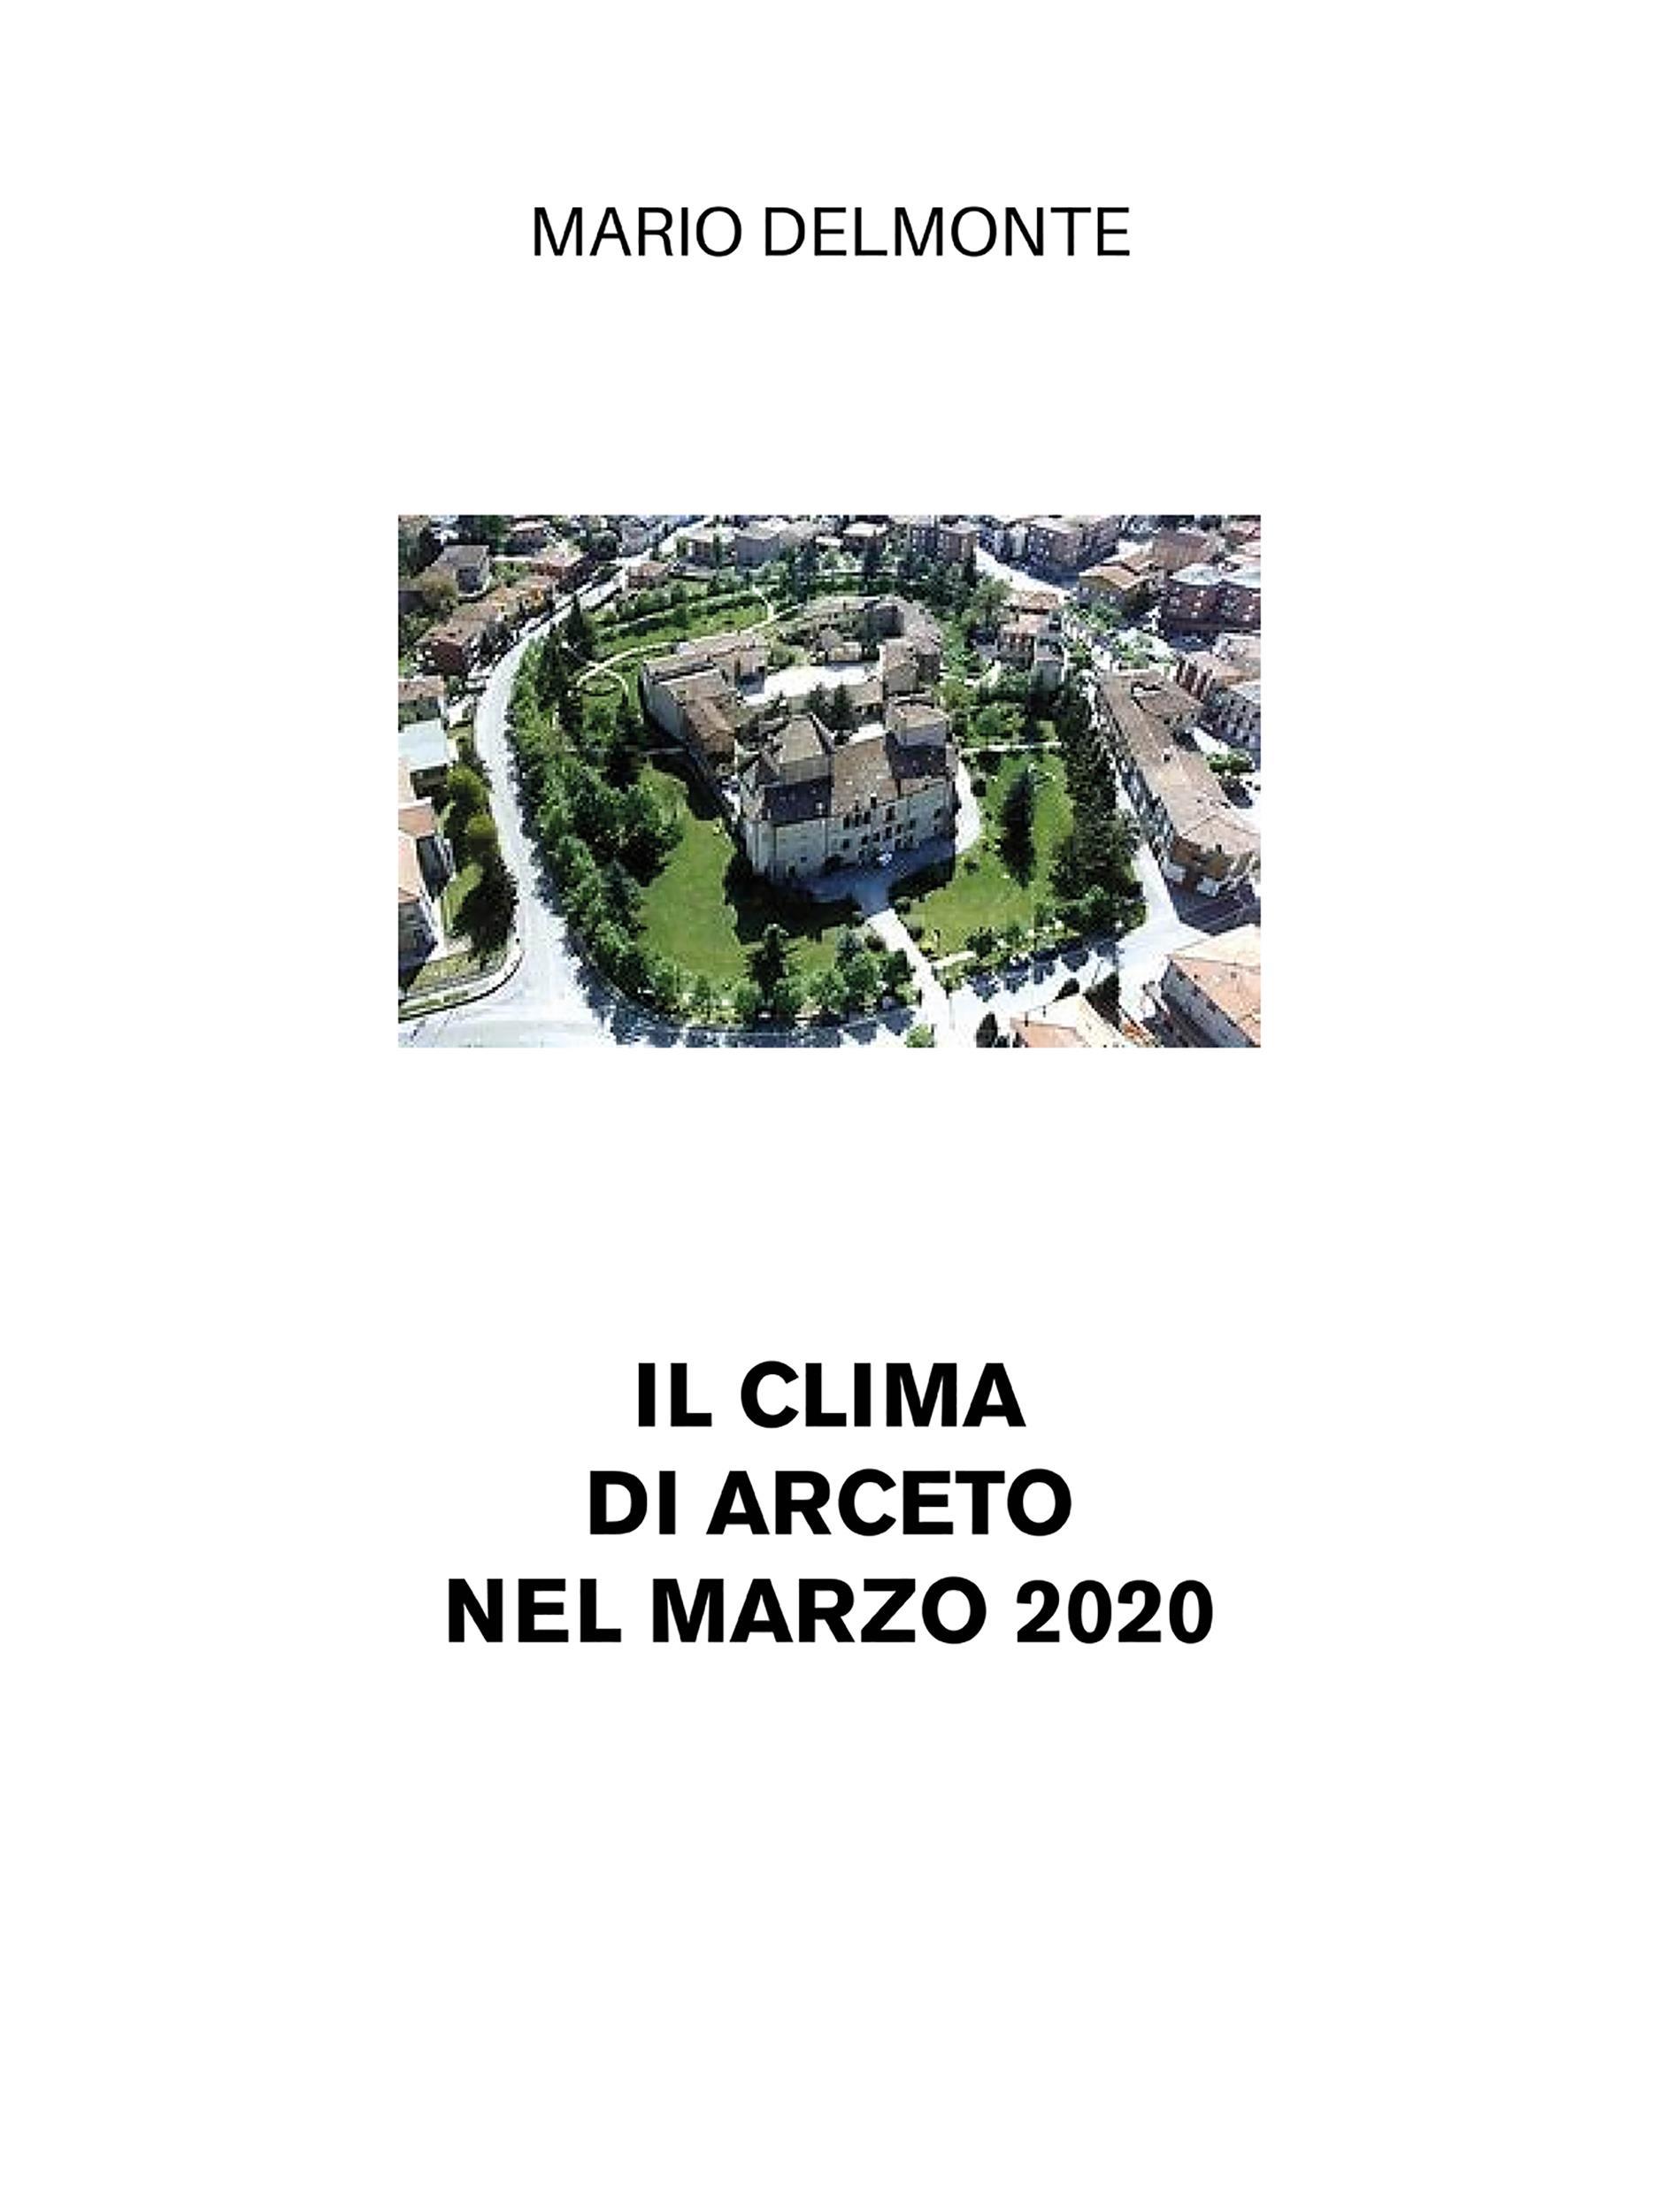 Il clima di Arceto nel marzo 2020